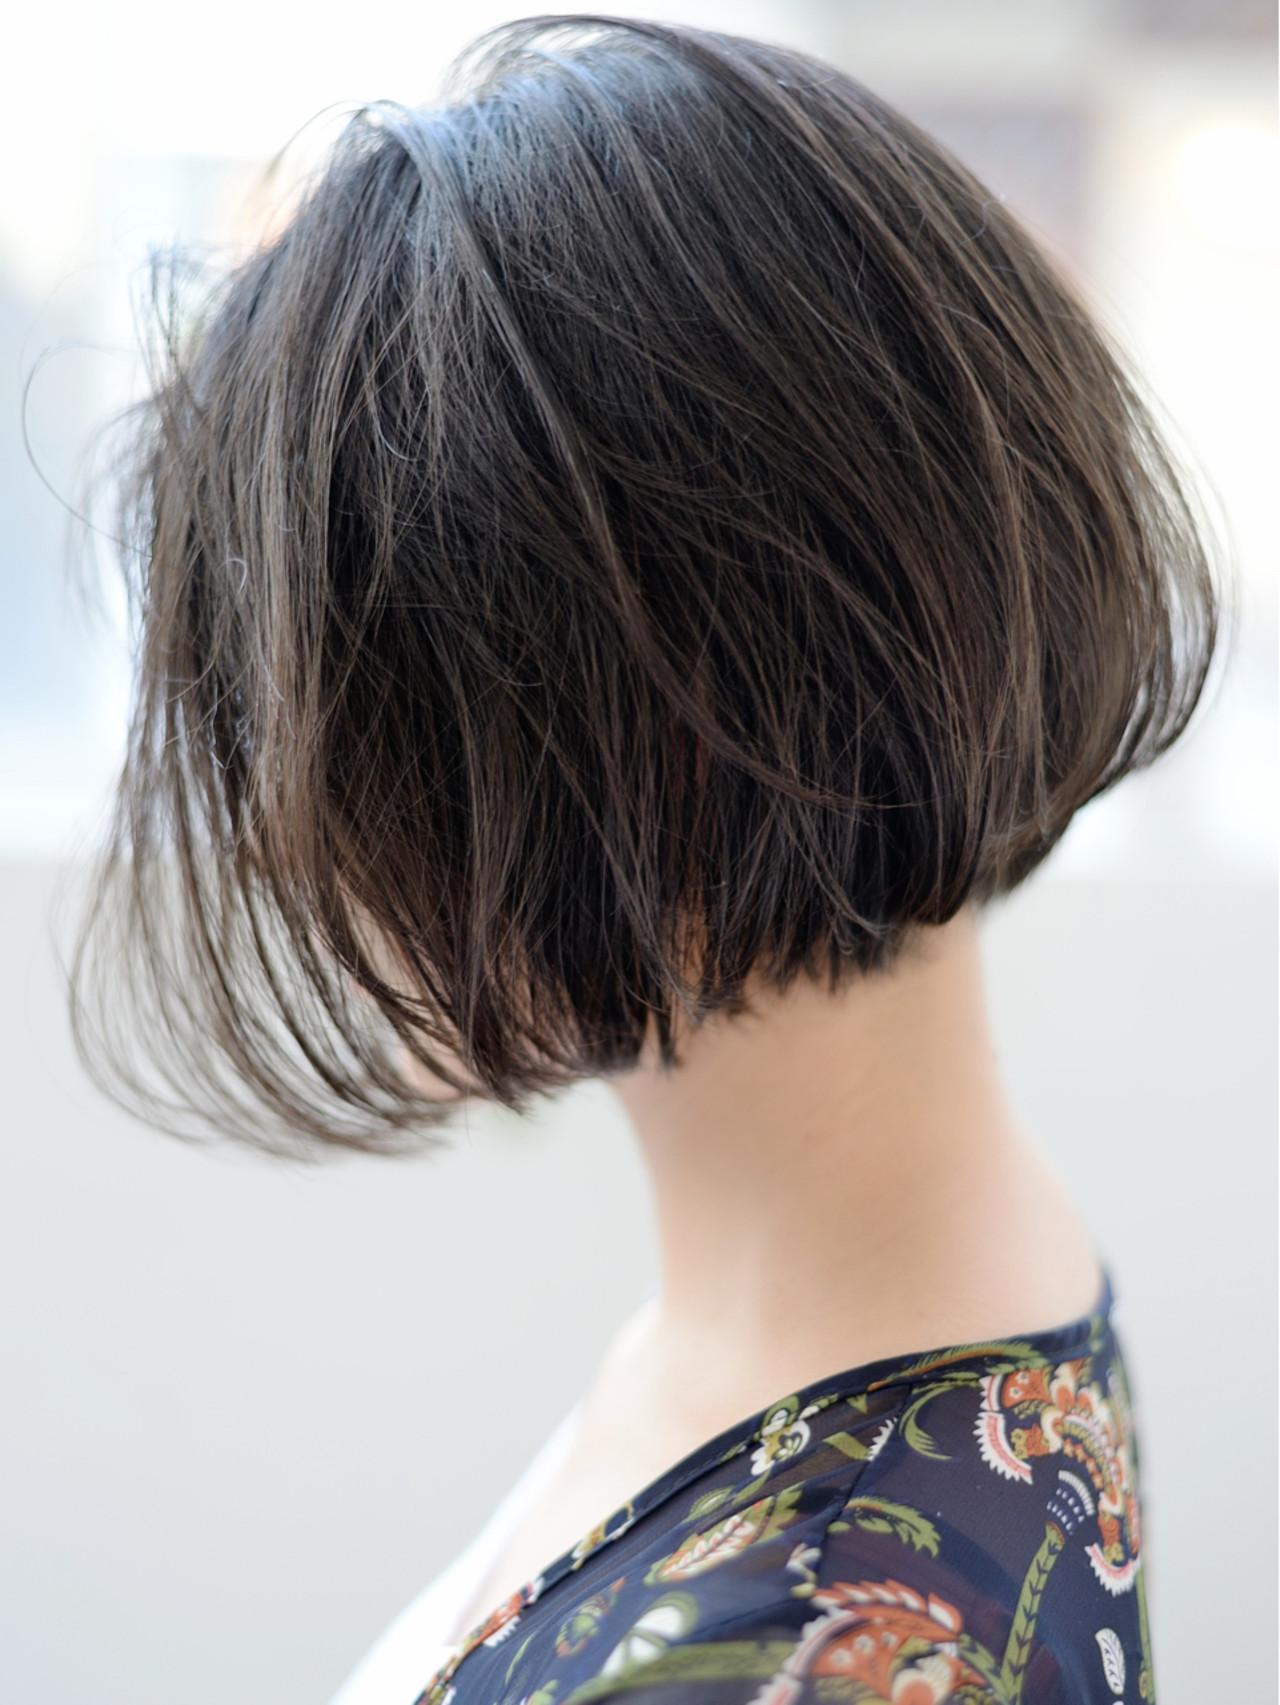 アッシュグレージュ ショート アッシュ ボブ ヘアスタイルや髪型の写真・画像 | 郡司 泰之 / ROJITHA 原宿 / ROJITHA